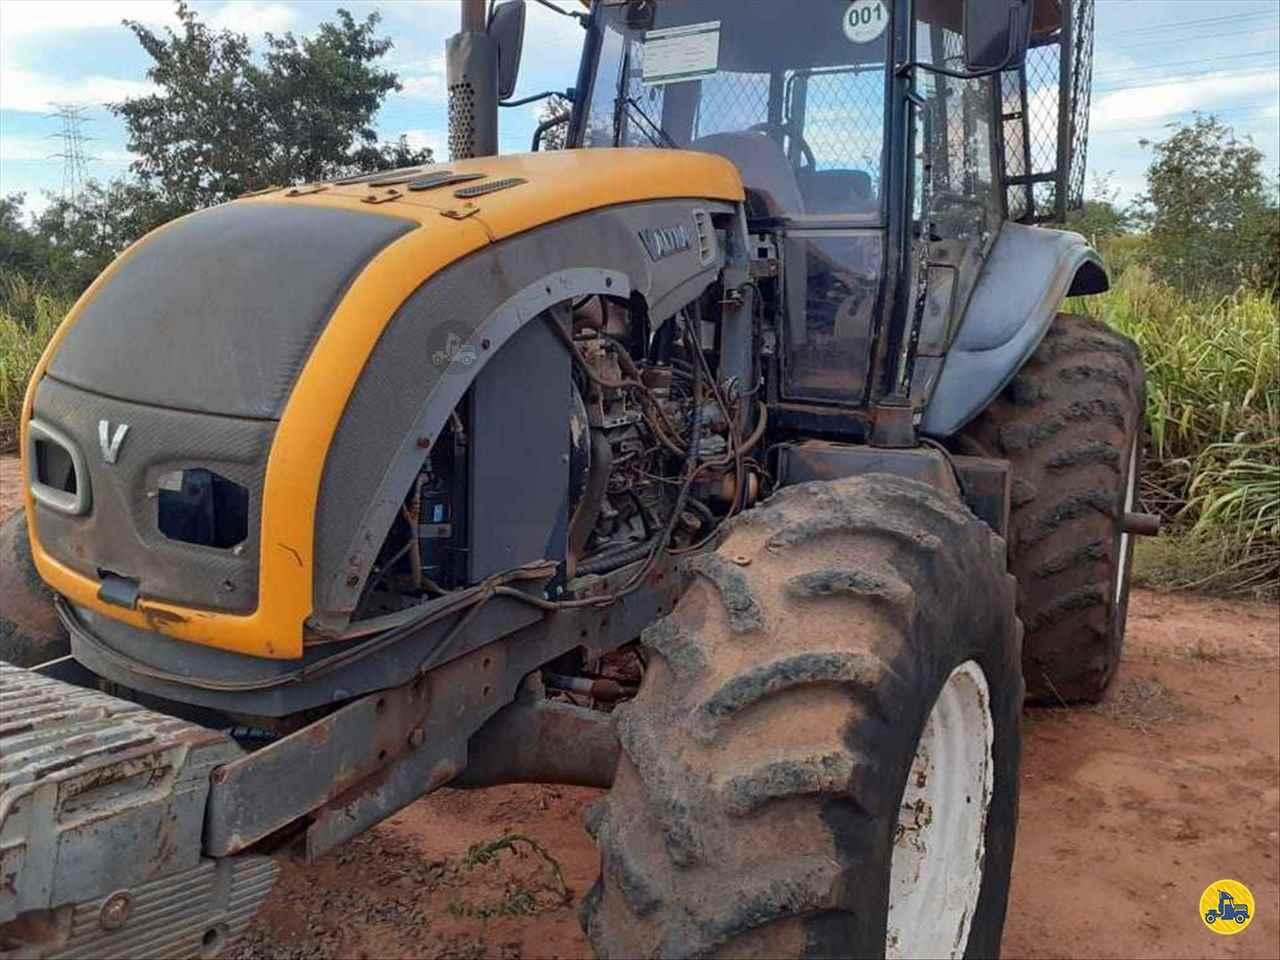 TRATOR VALTRA VALTRA BT 190 Tração 4x4 MT Caminhões RONDONOPOLIS MATO GROSSO MT